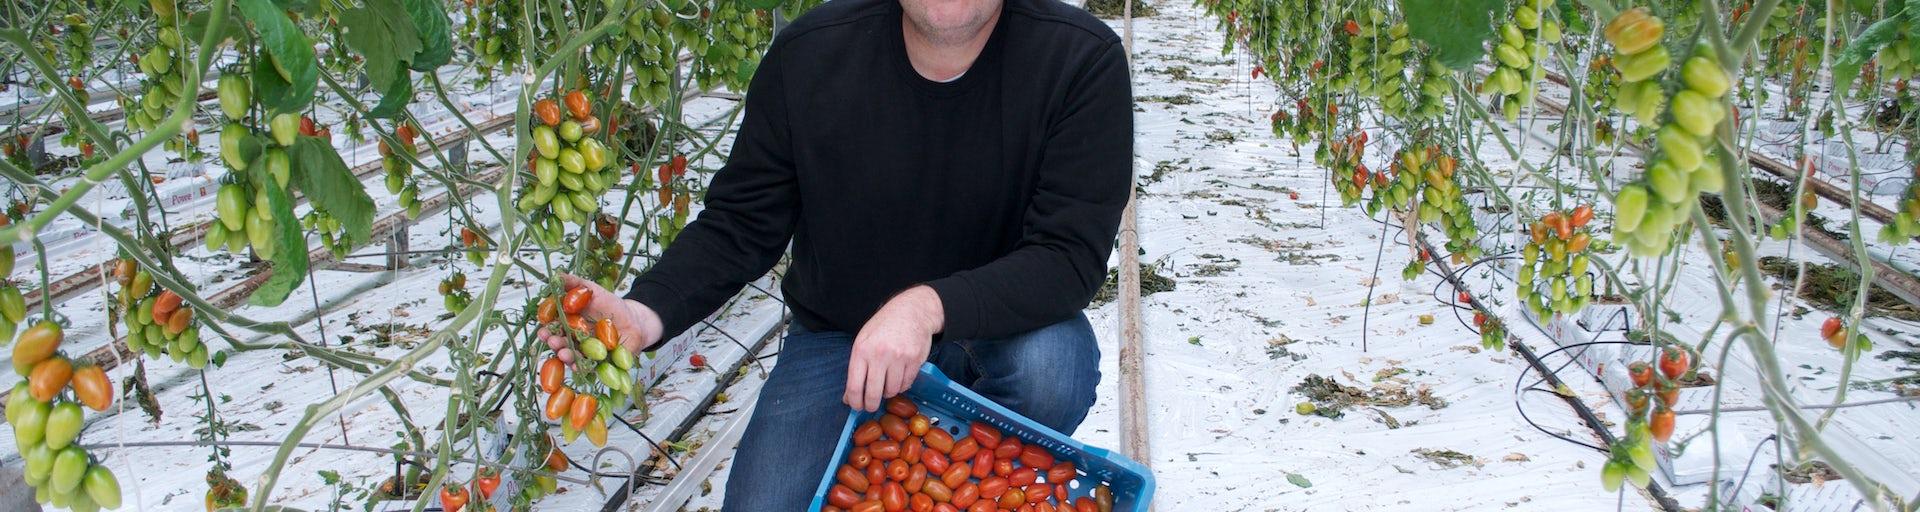 Tomaten voor onze maaltijdboxen